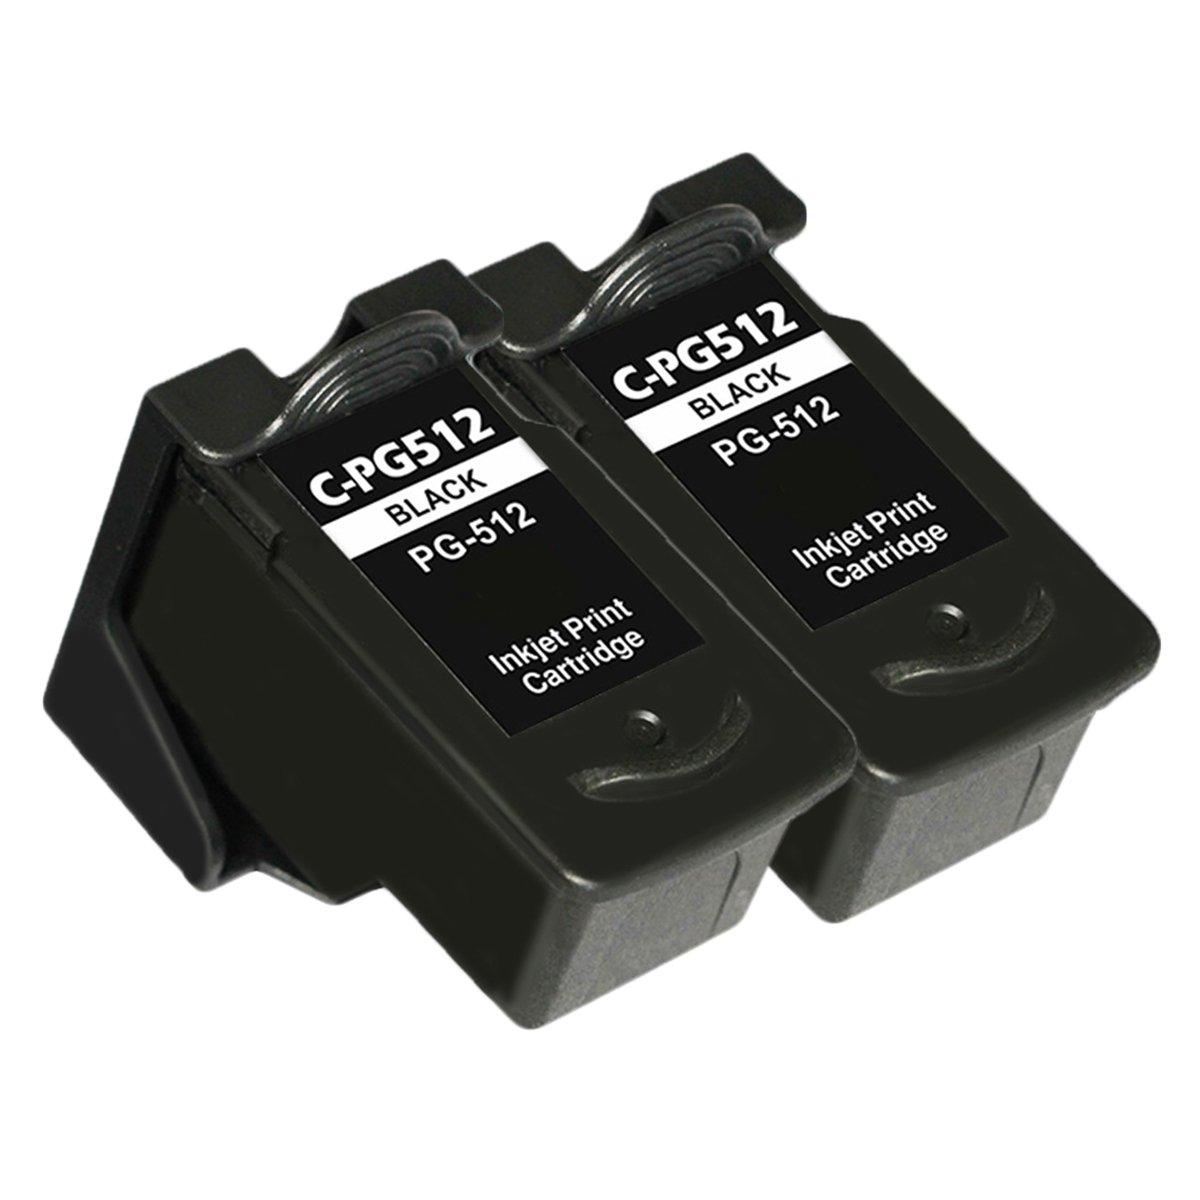 LCL PG512 PG-512 PG-512XL (2-Pack Negro) Cartuchos de Tinta ...